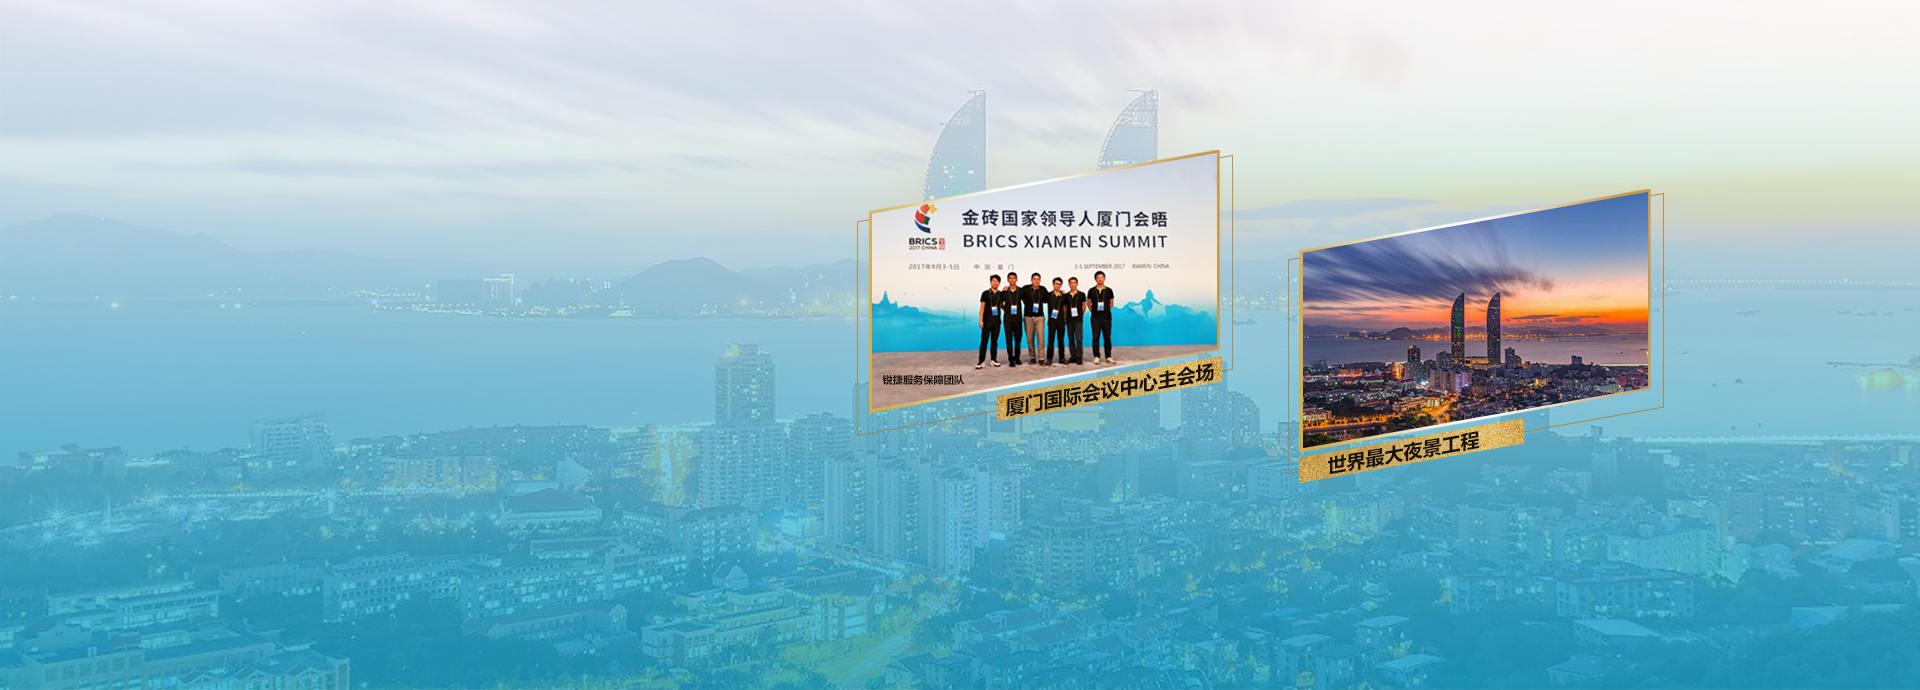 厦门金砖国家峰会